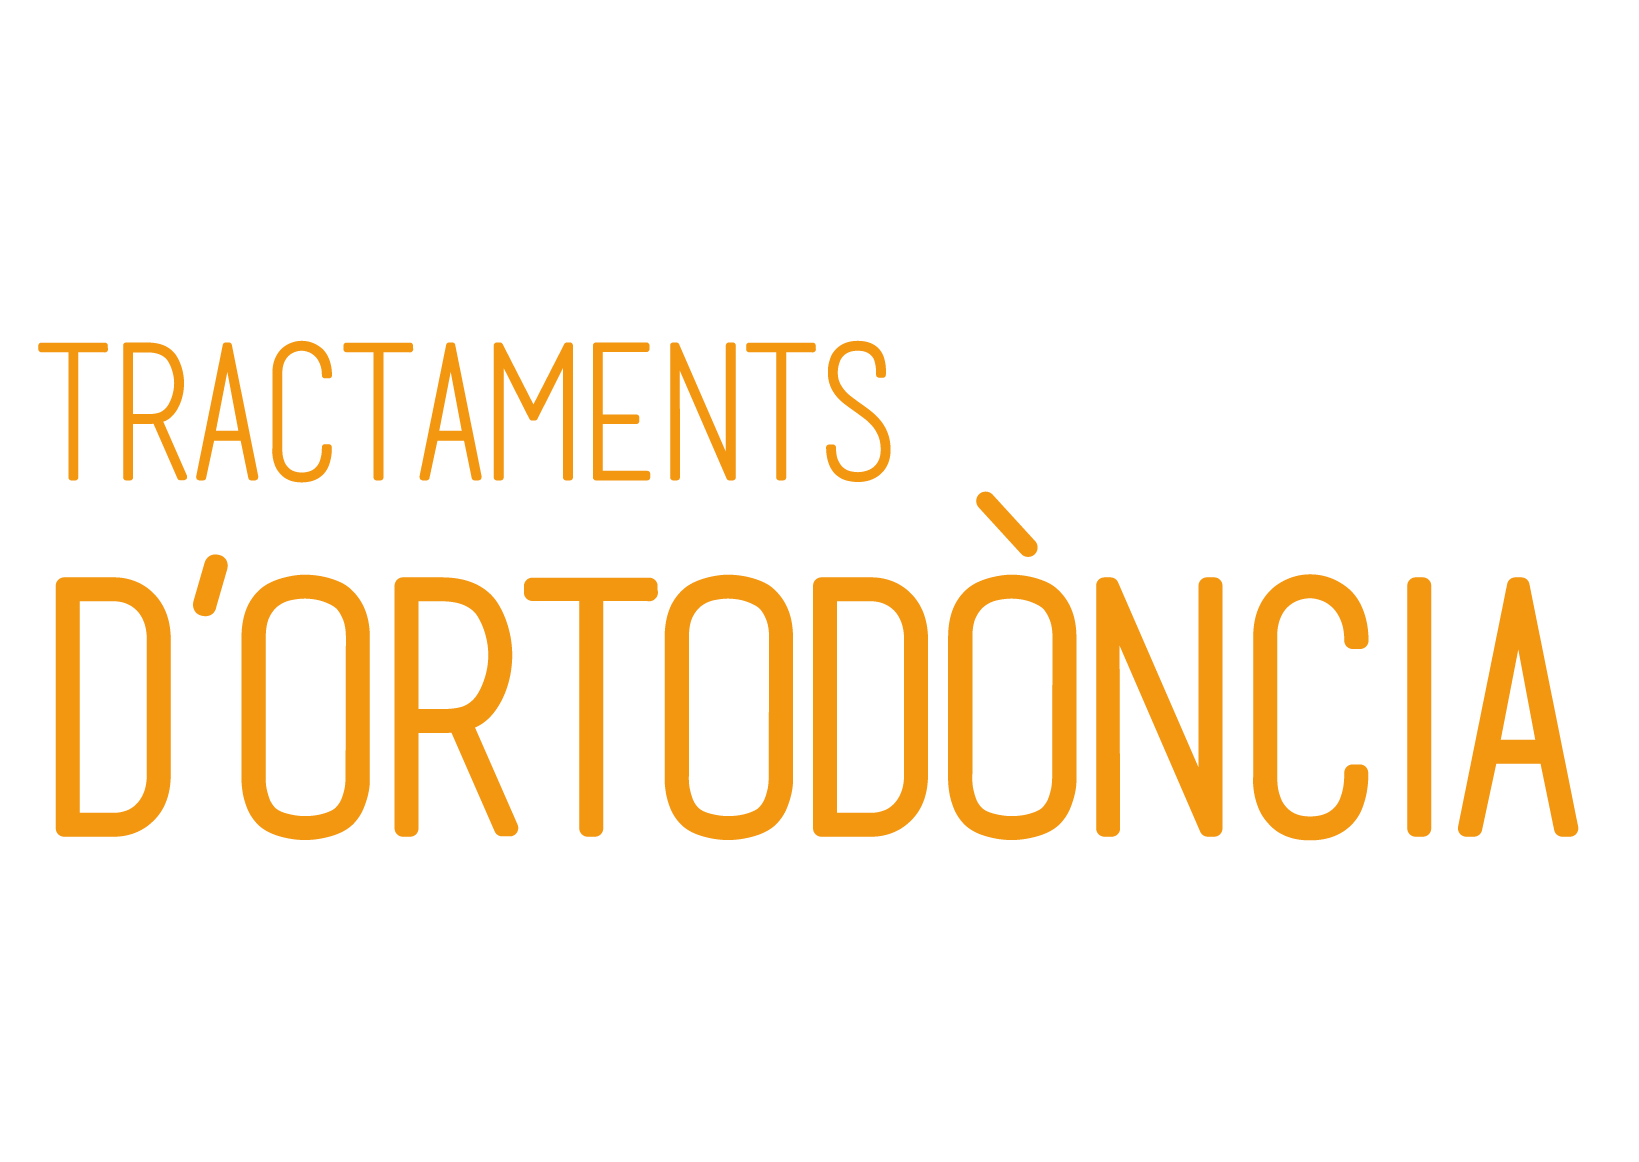 Tractaments d'ortodòncia promoció